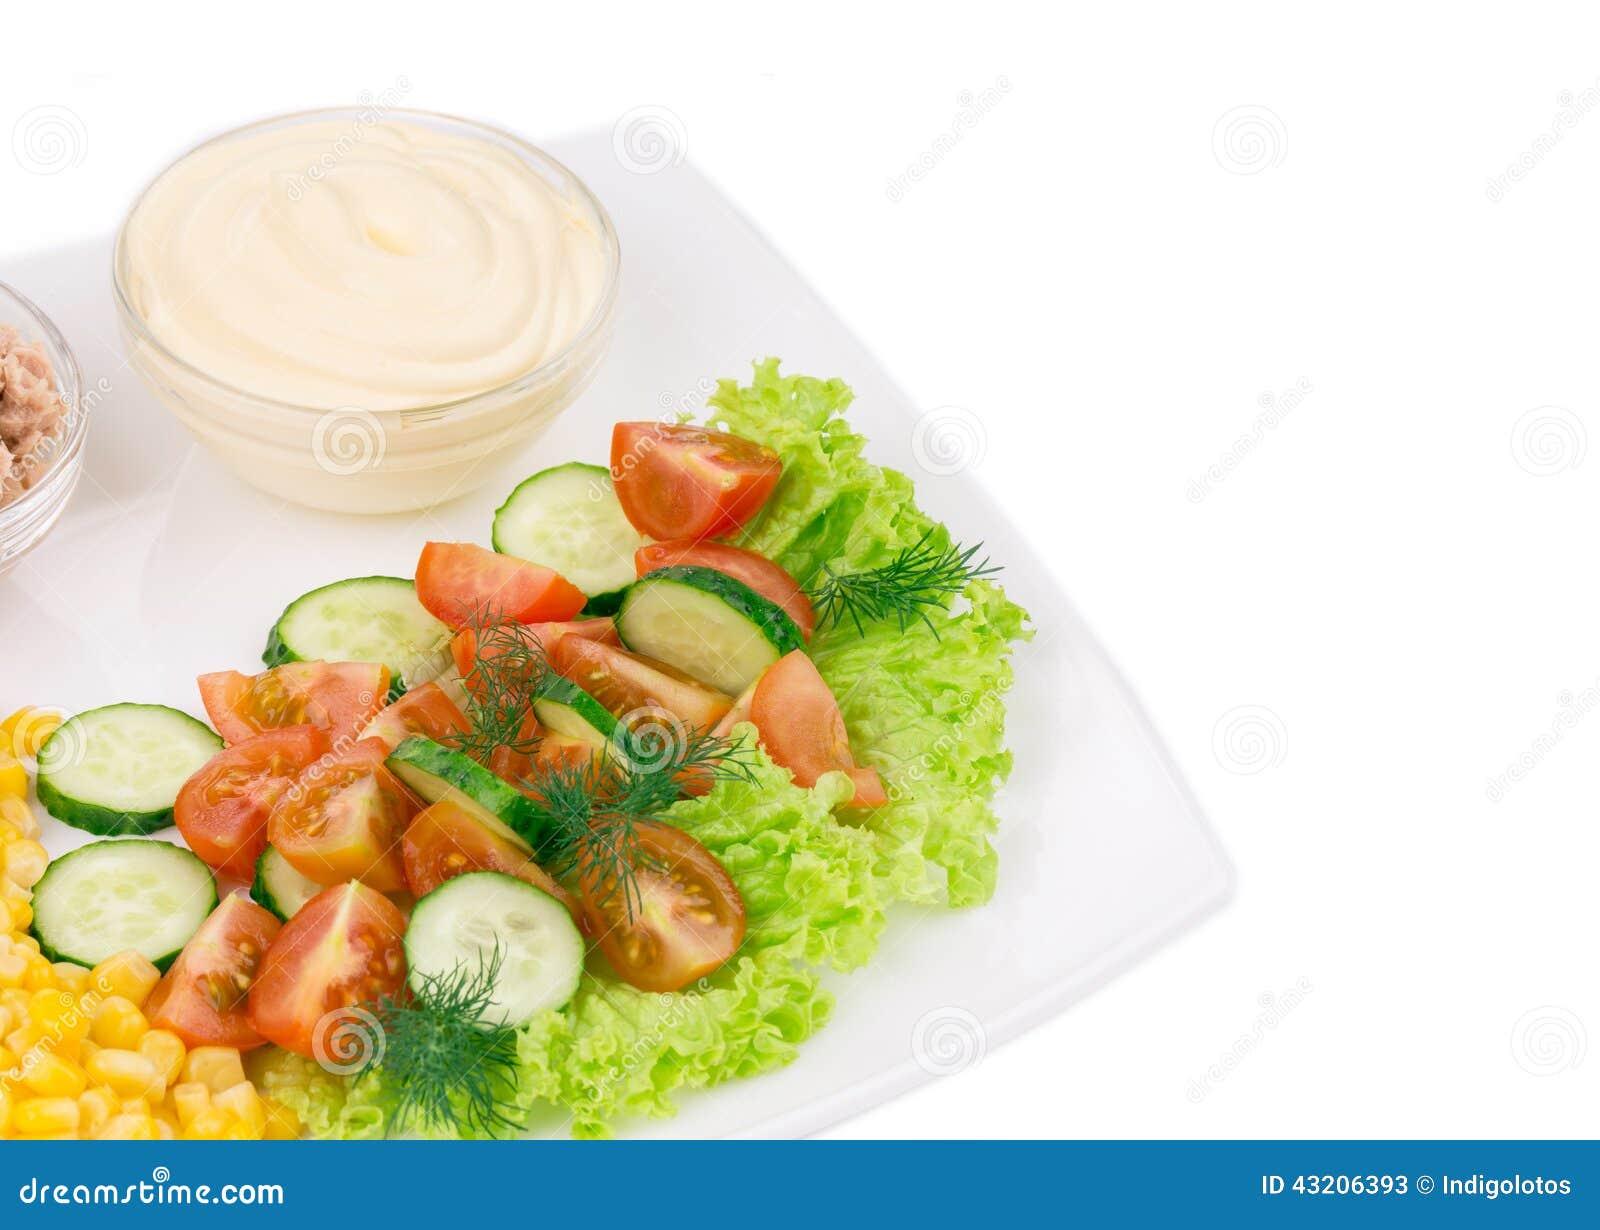 Download Tonfisksallad Med Sås Och Grönsaker Fotografering för Bildbyråer - Bild av färgrikt, kokkonst: 43206393